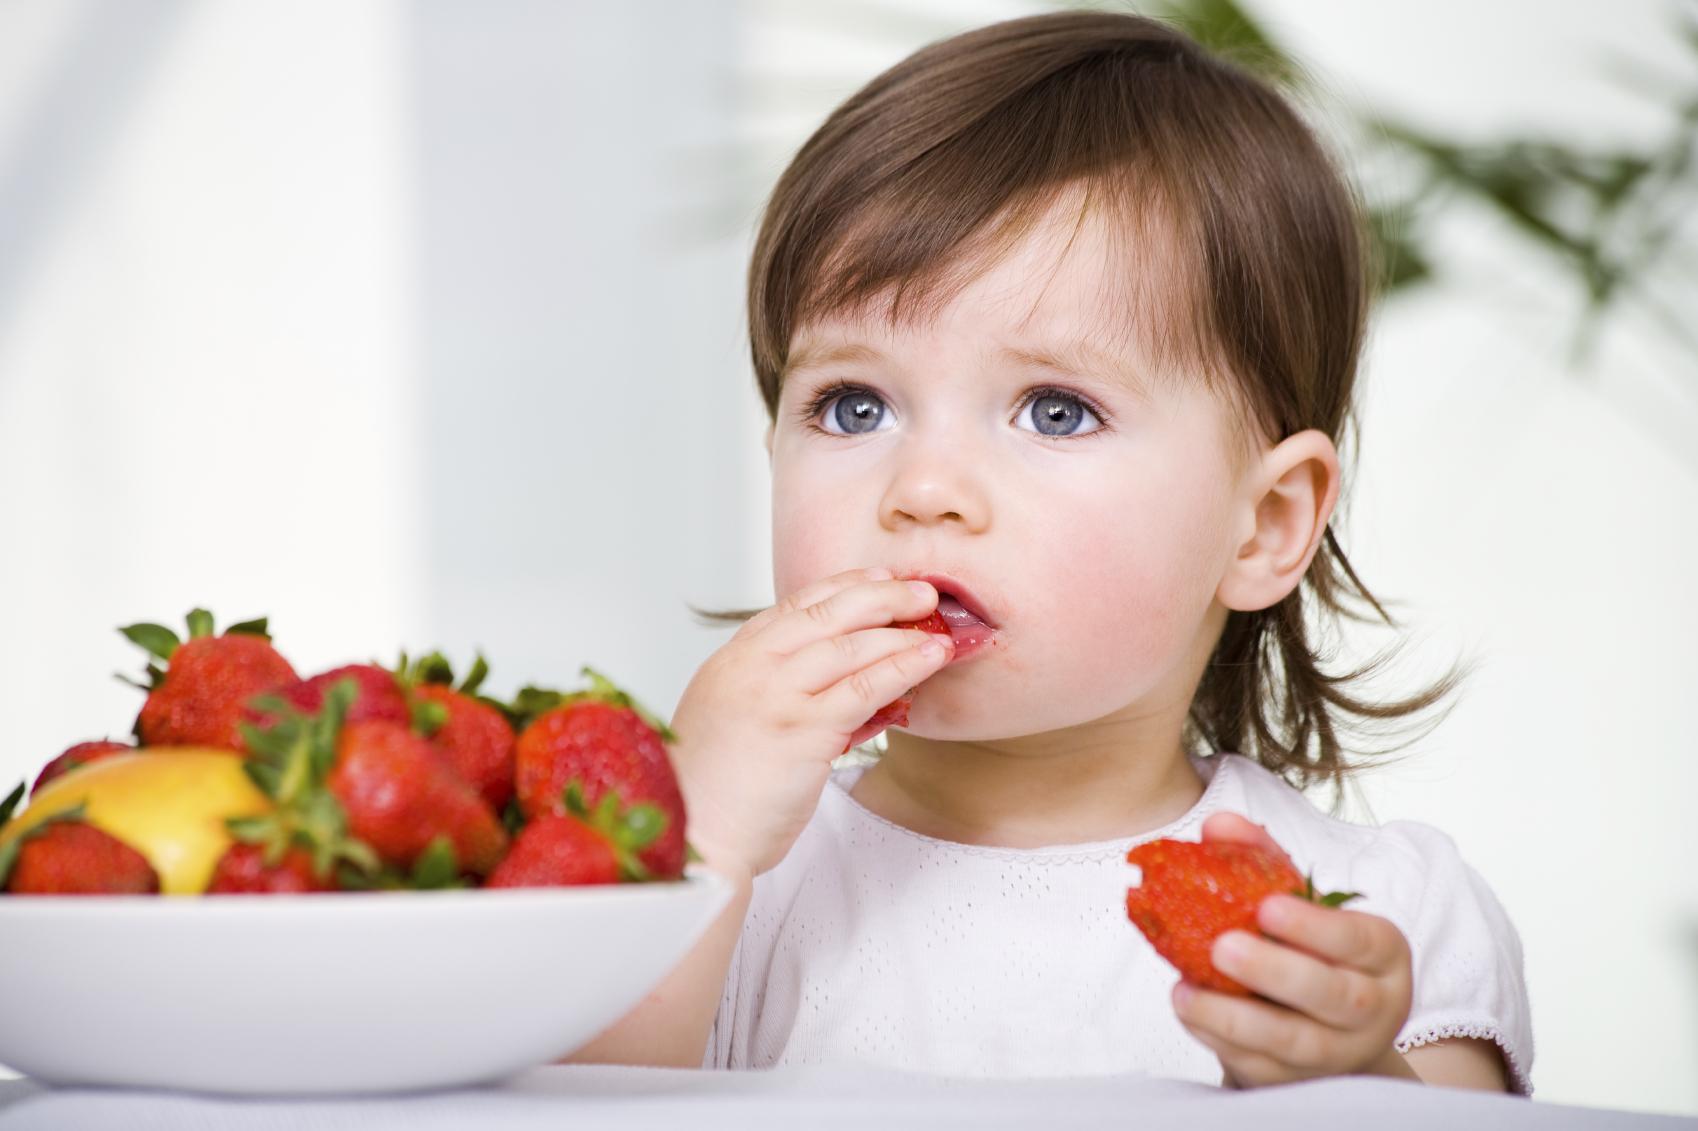 Bé 8 tháng tuổi có thể tự ăn tráng miệng bằng trái cây